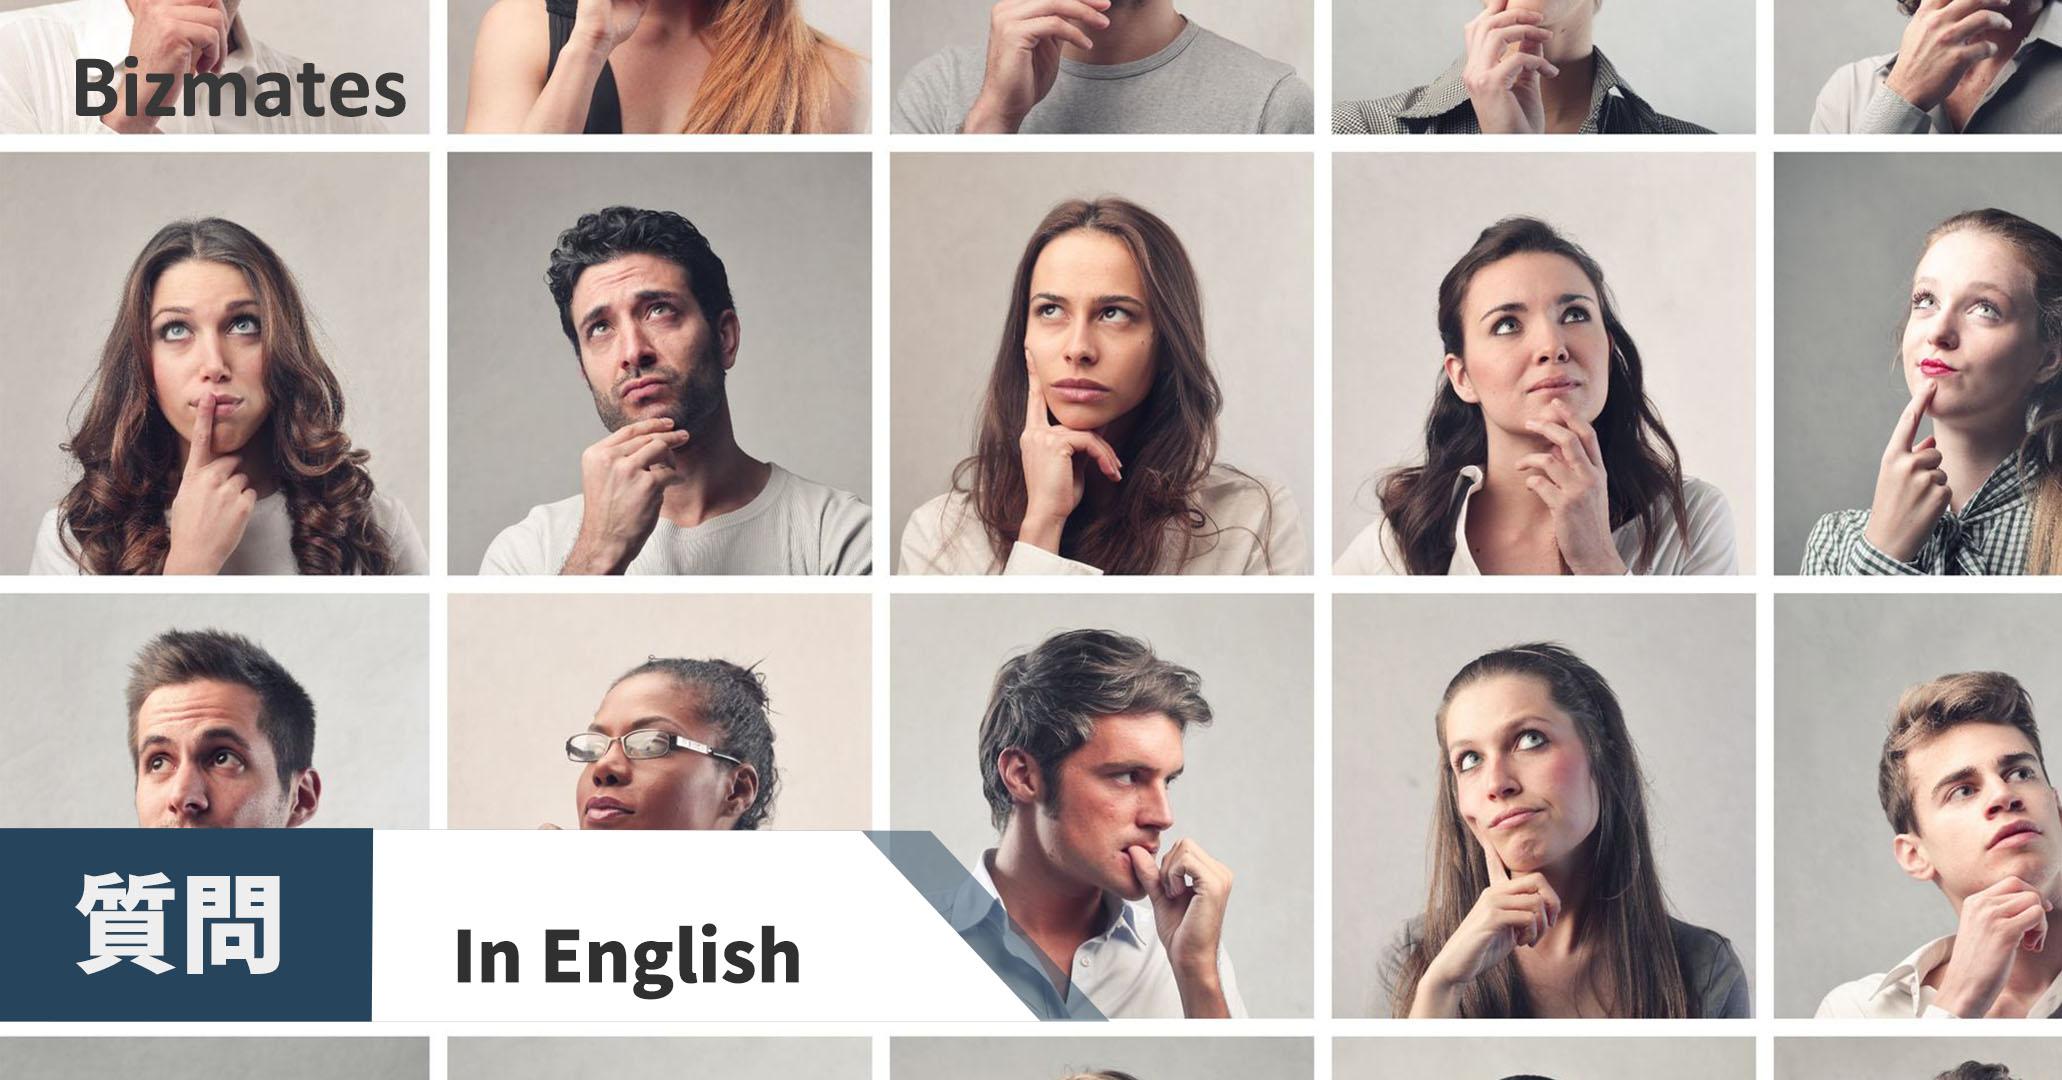 くれ て 英語 ありがとう し て 心配 心配してくれてありがとうって英語でなんて言うの?